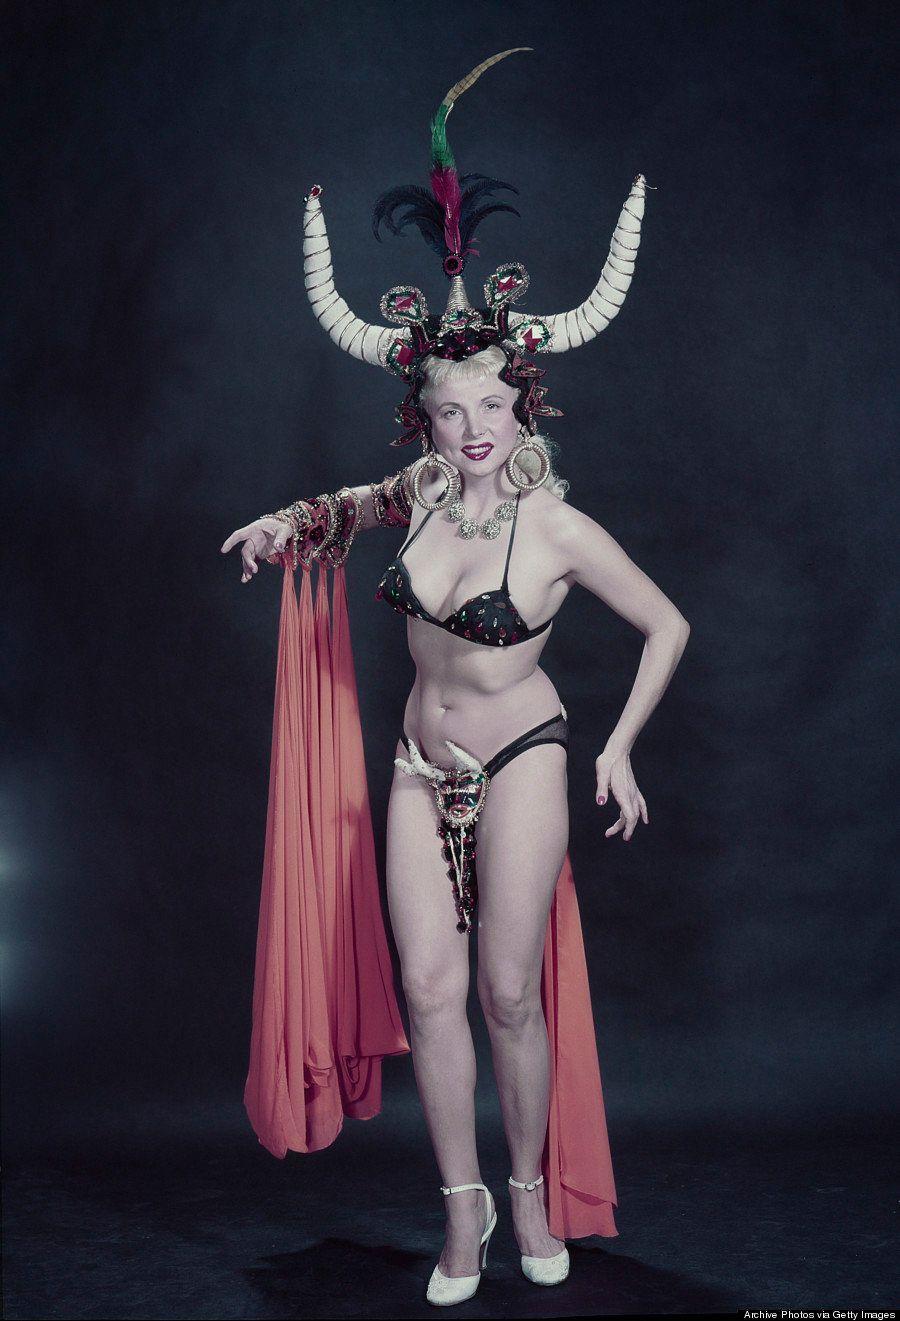 PHOTOS. Une série de fantastiques clichés sur le monde du burlesque dans les années